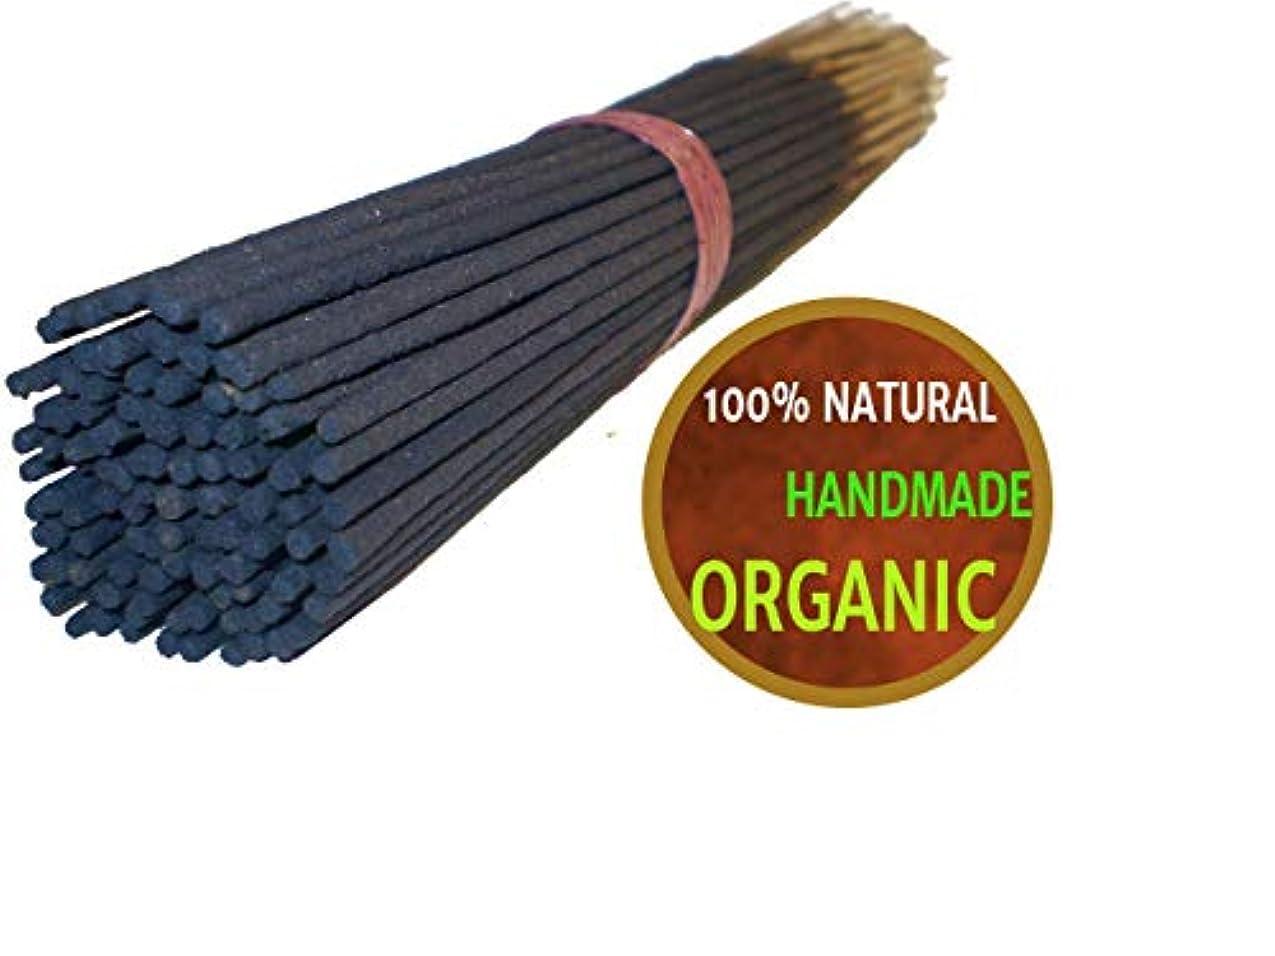 マラドロイト薬局オズワルドYajna Frankincense And Myrrh 100% Natural Incense Sticks Handmade Hand Dipped The Best Woods Scent 100 Pack